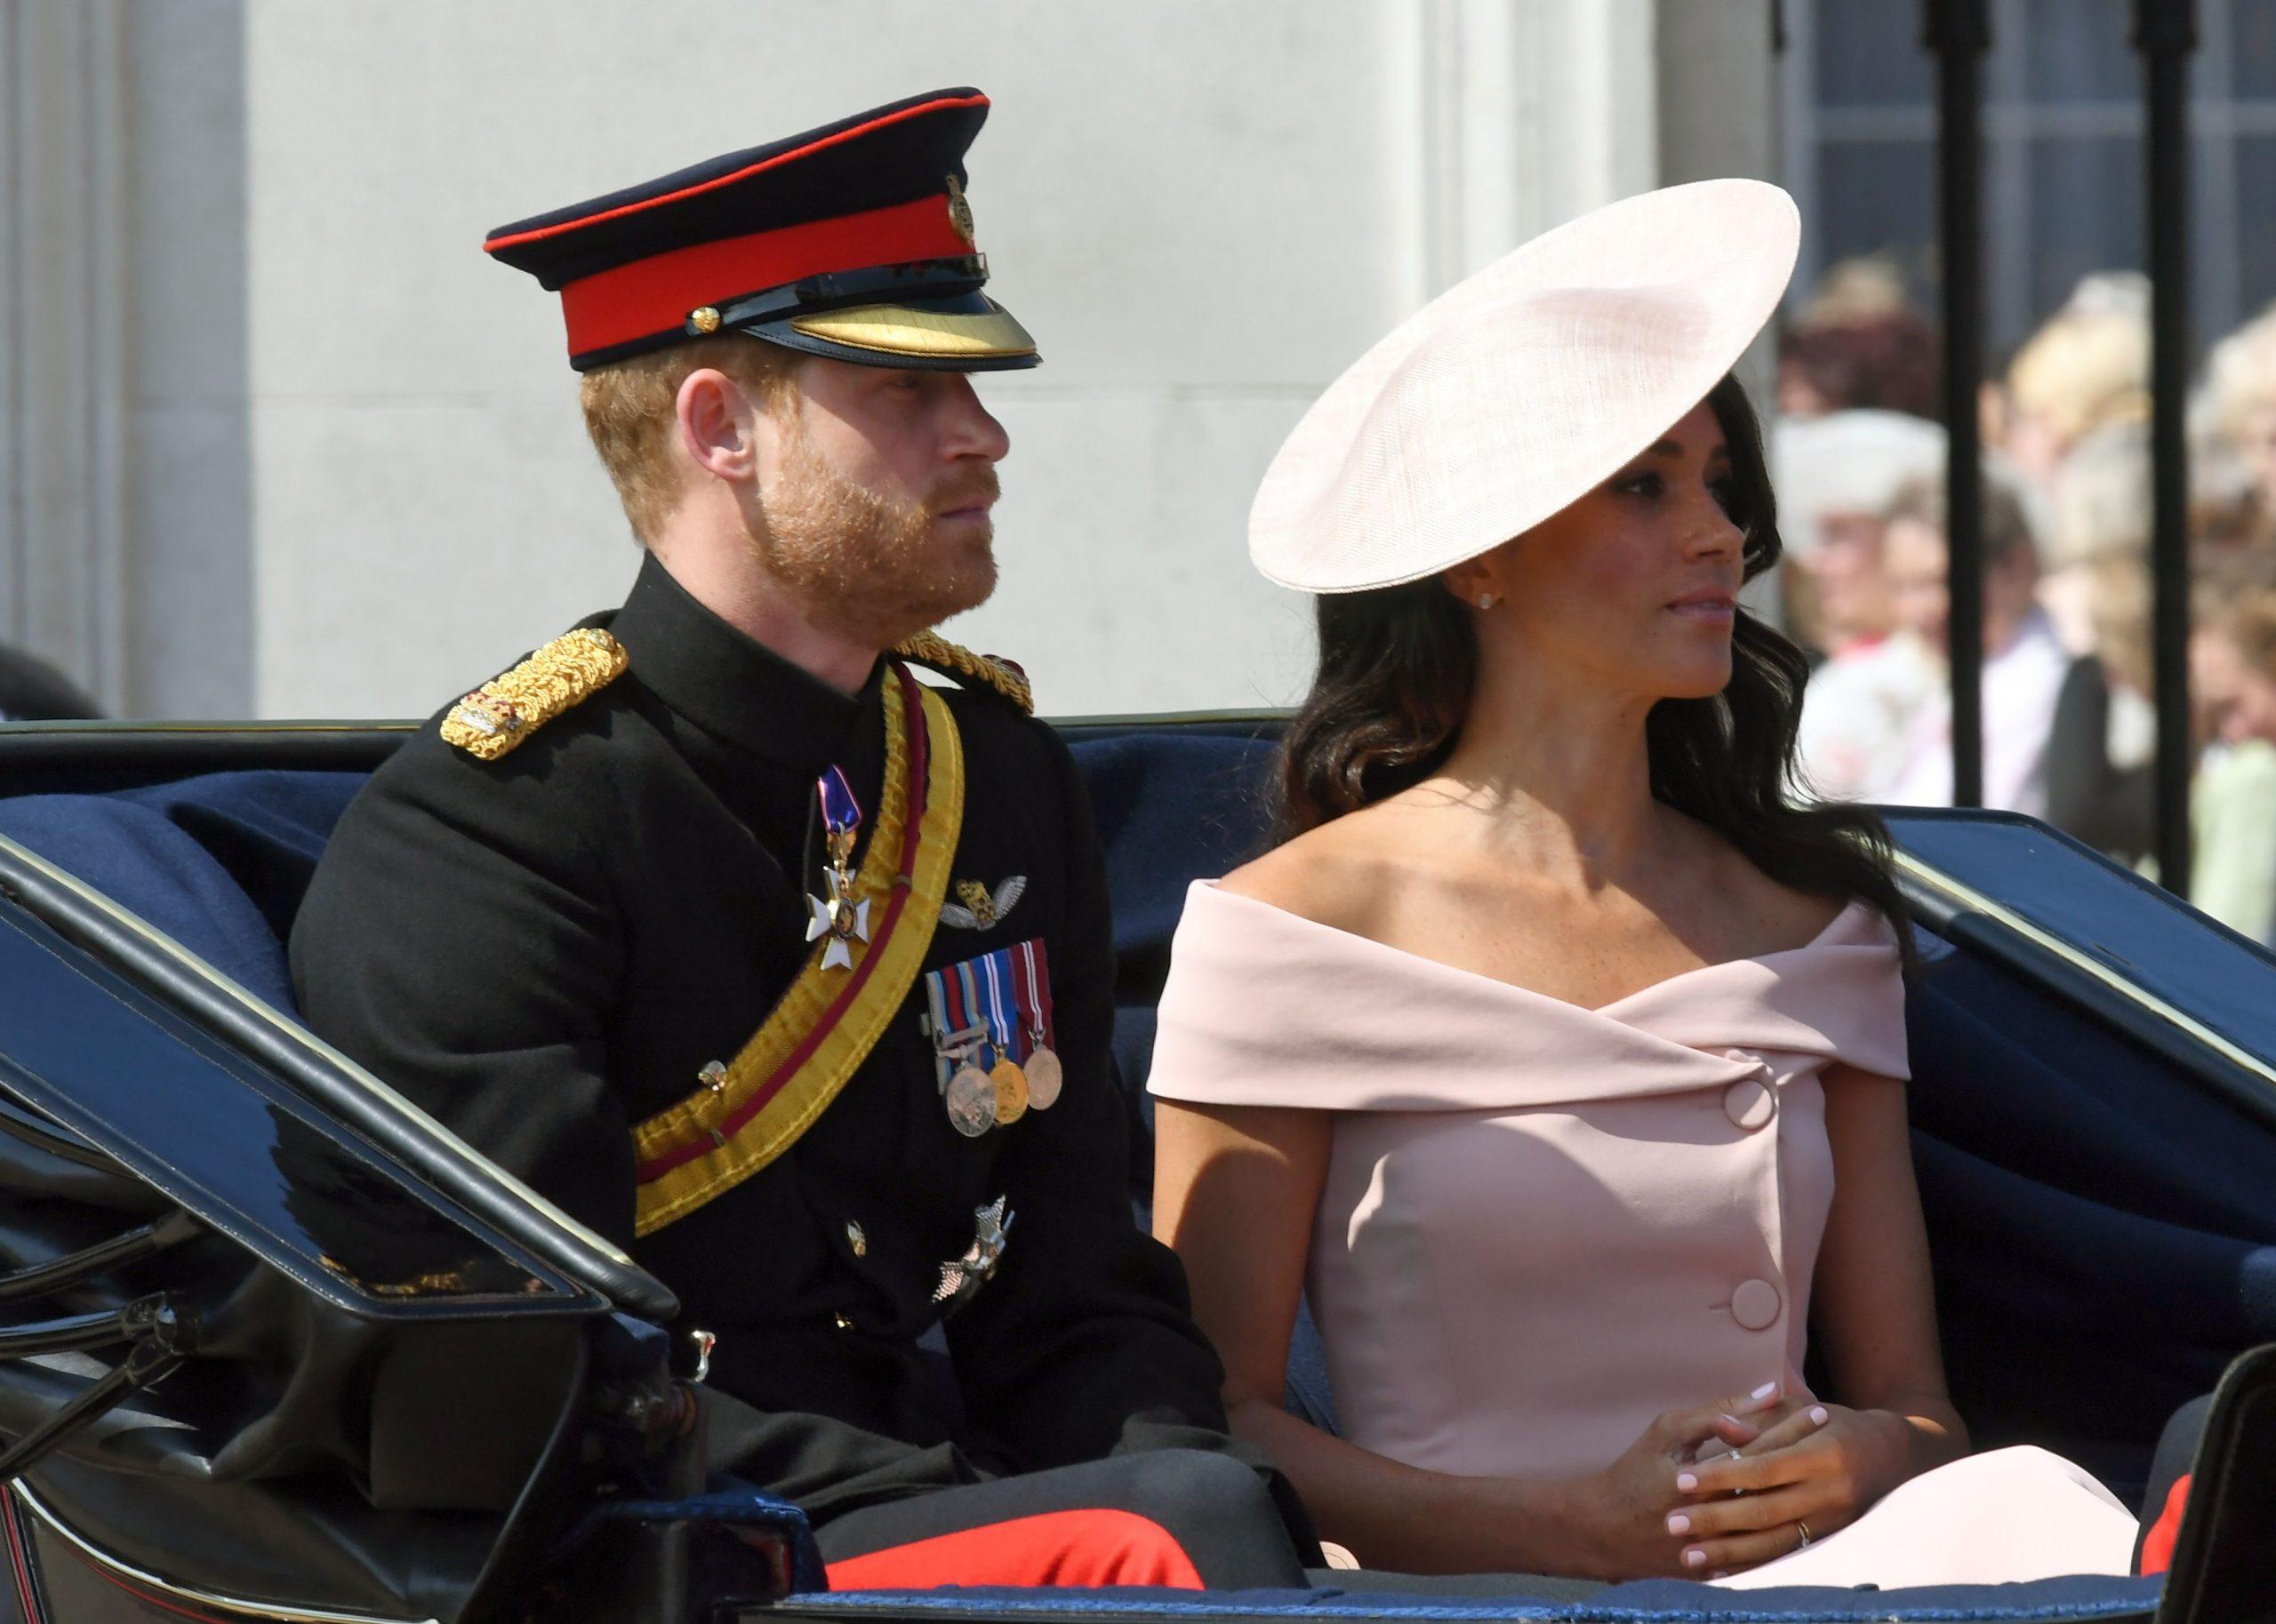 Los duques de Sussex participan del desfile militar Trooping The Colour.